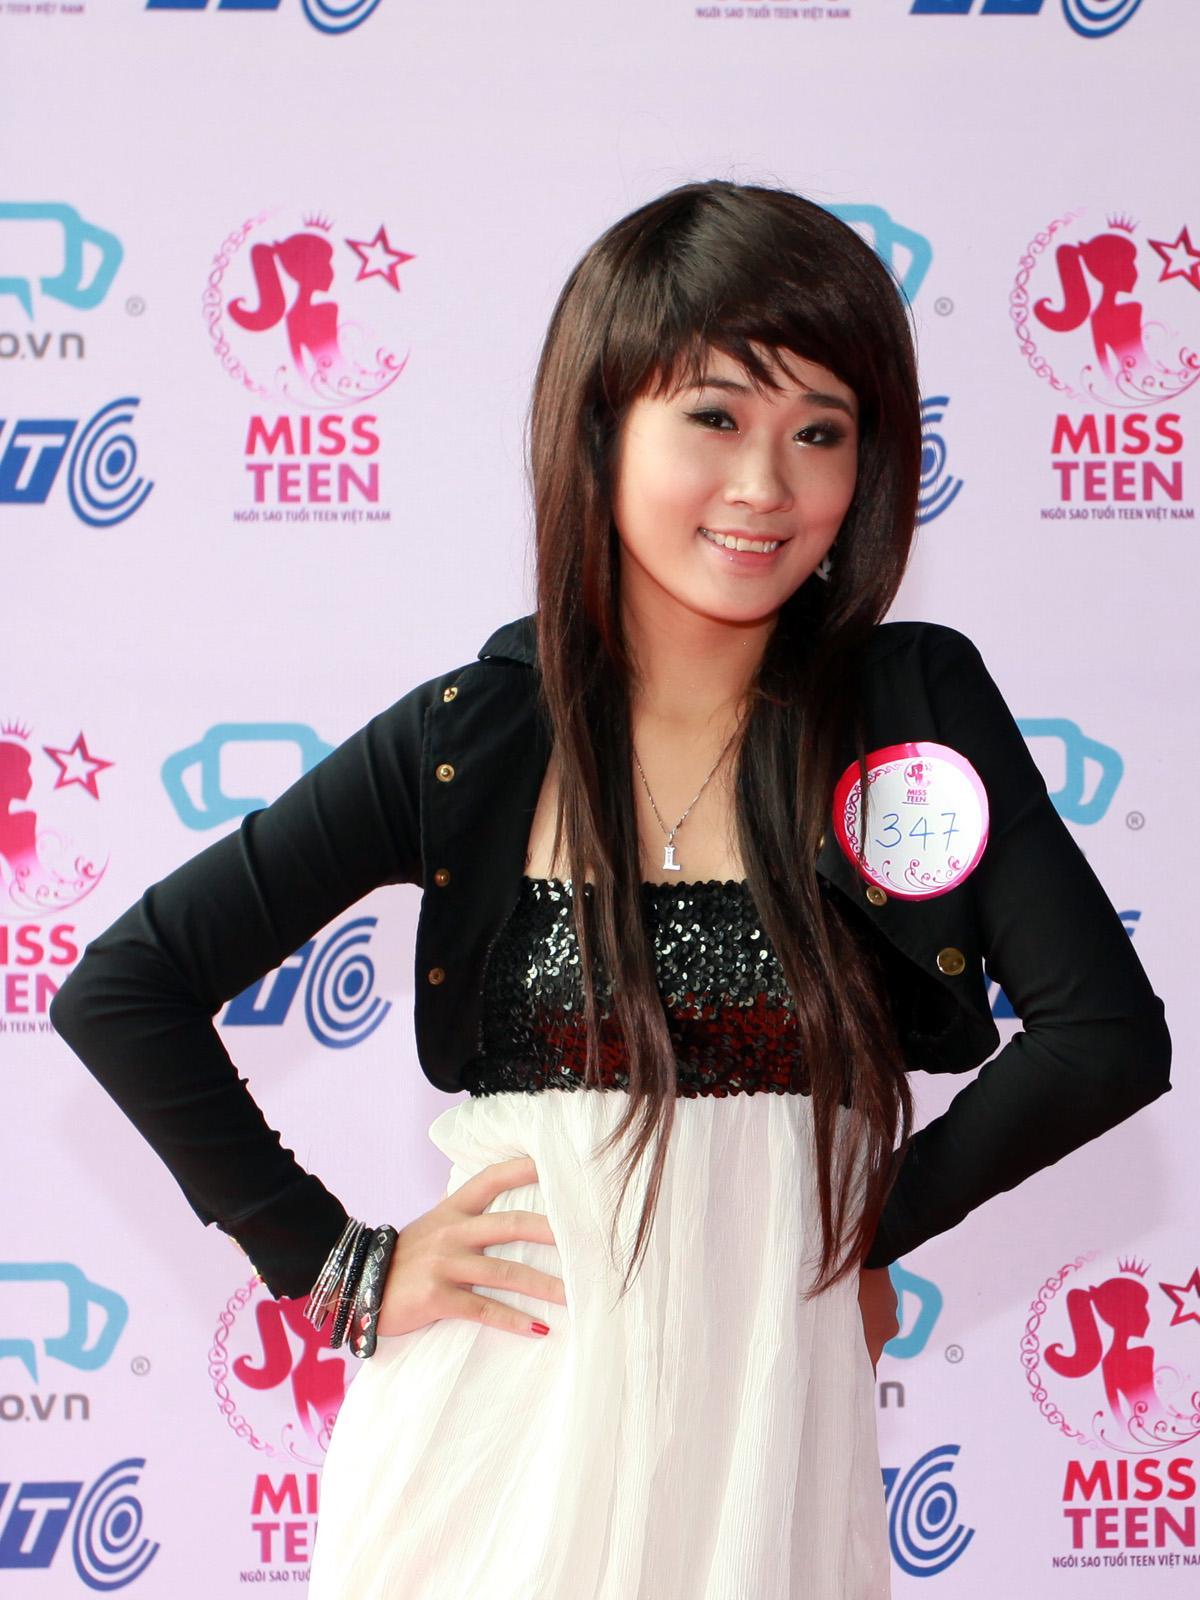 miss teen vietnam 2011 part 1 - Vietnamese girls